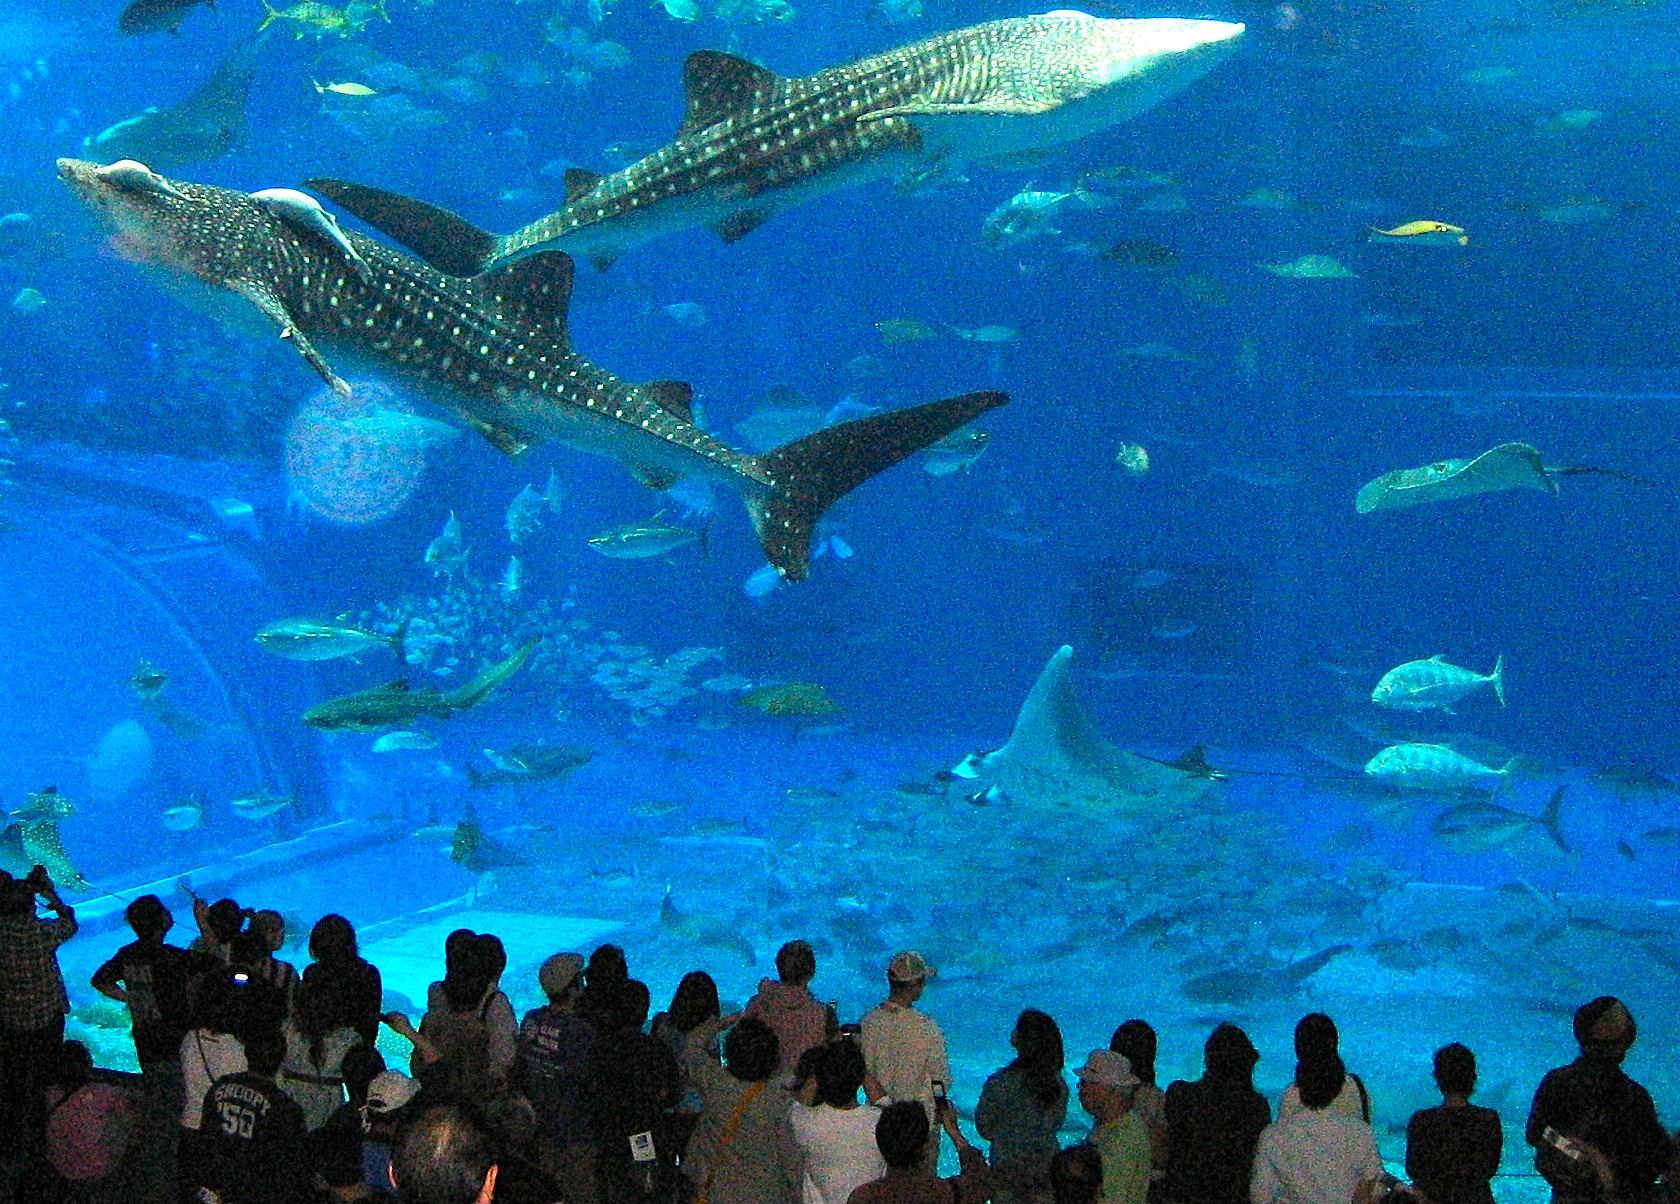 Aquarium in Okinawa, Japan